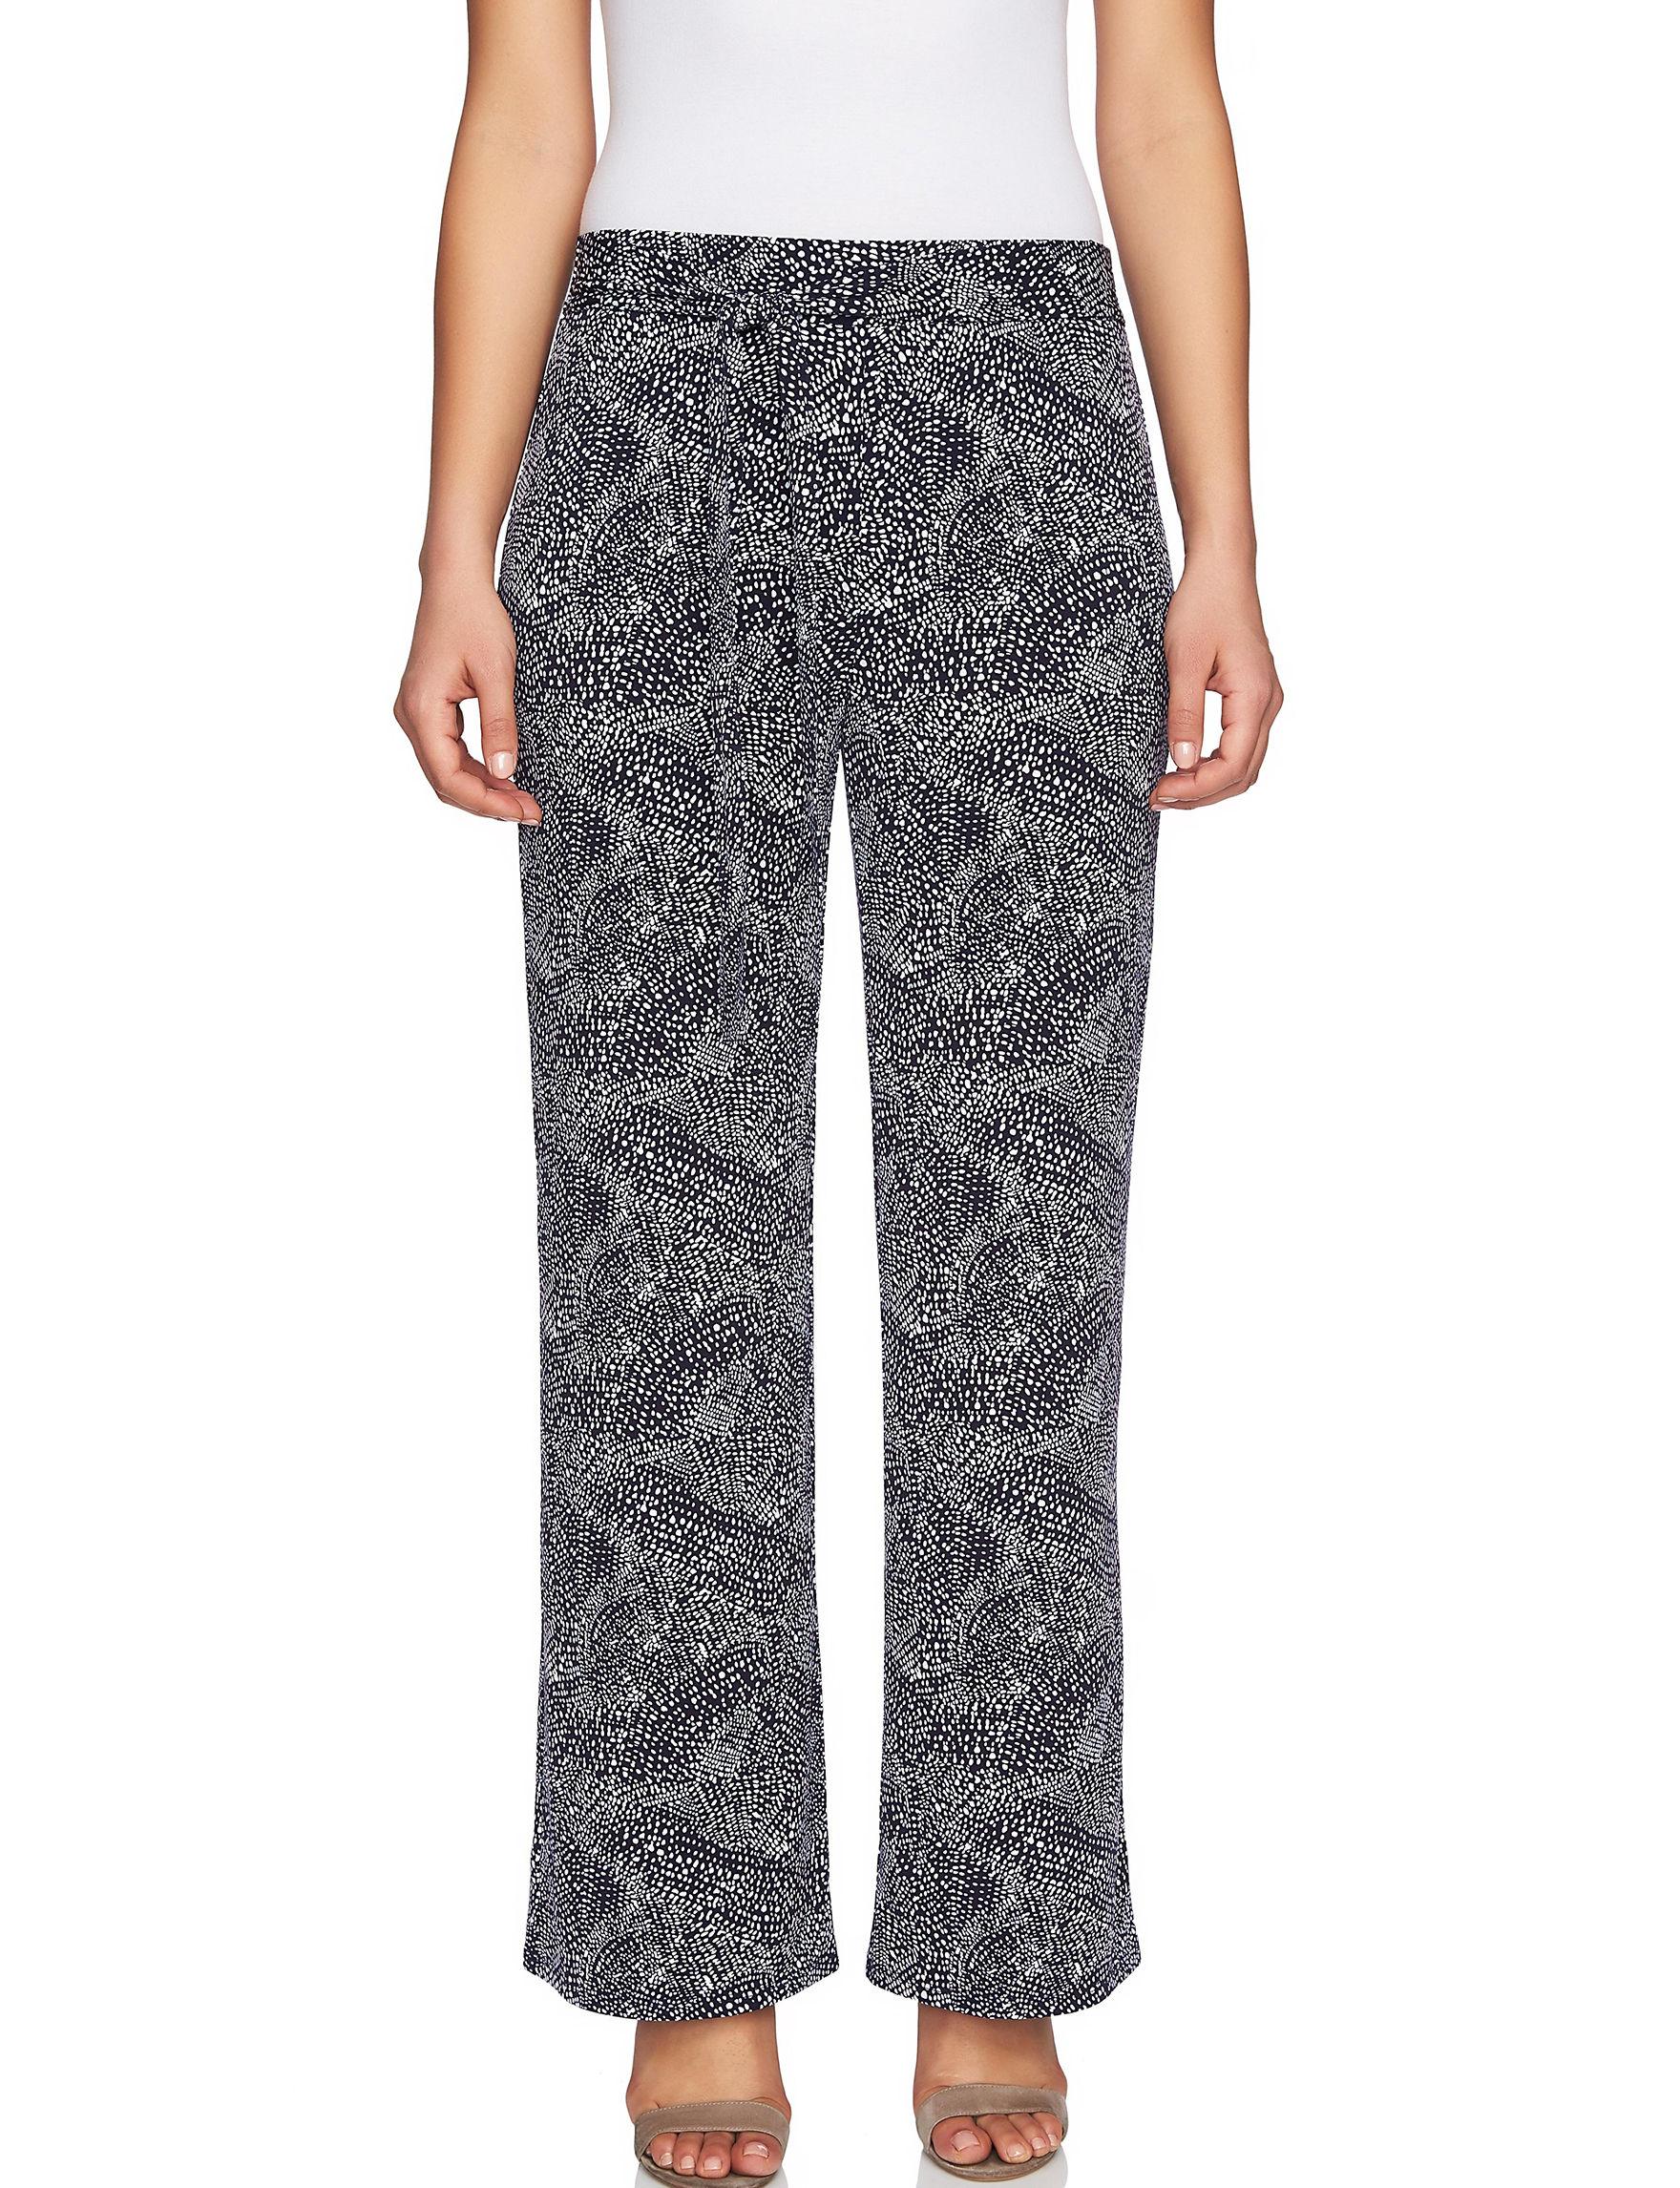 Chaus Black / White Soft Pants